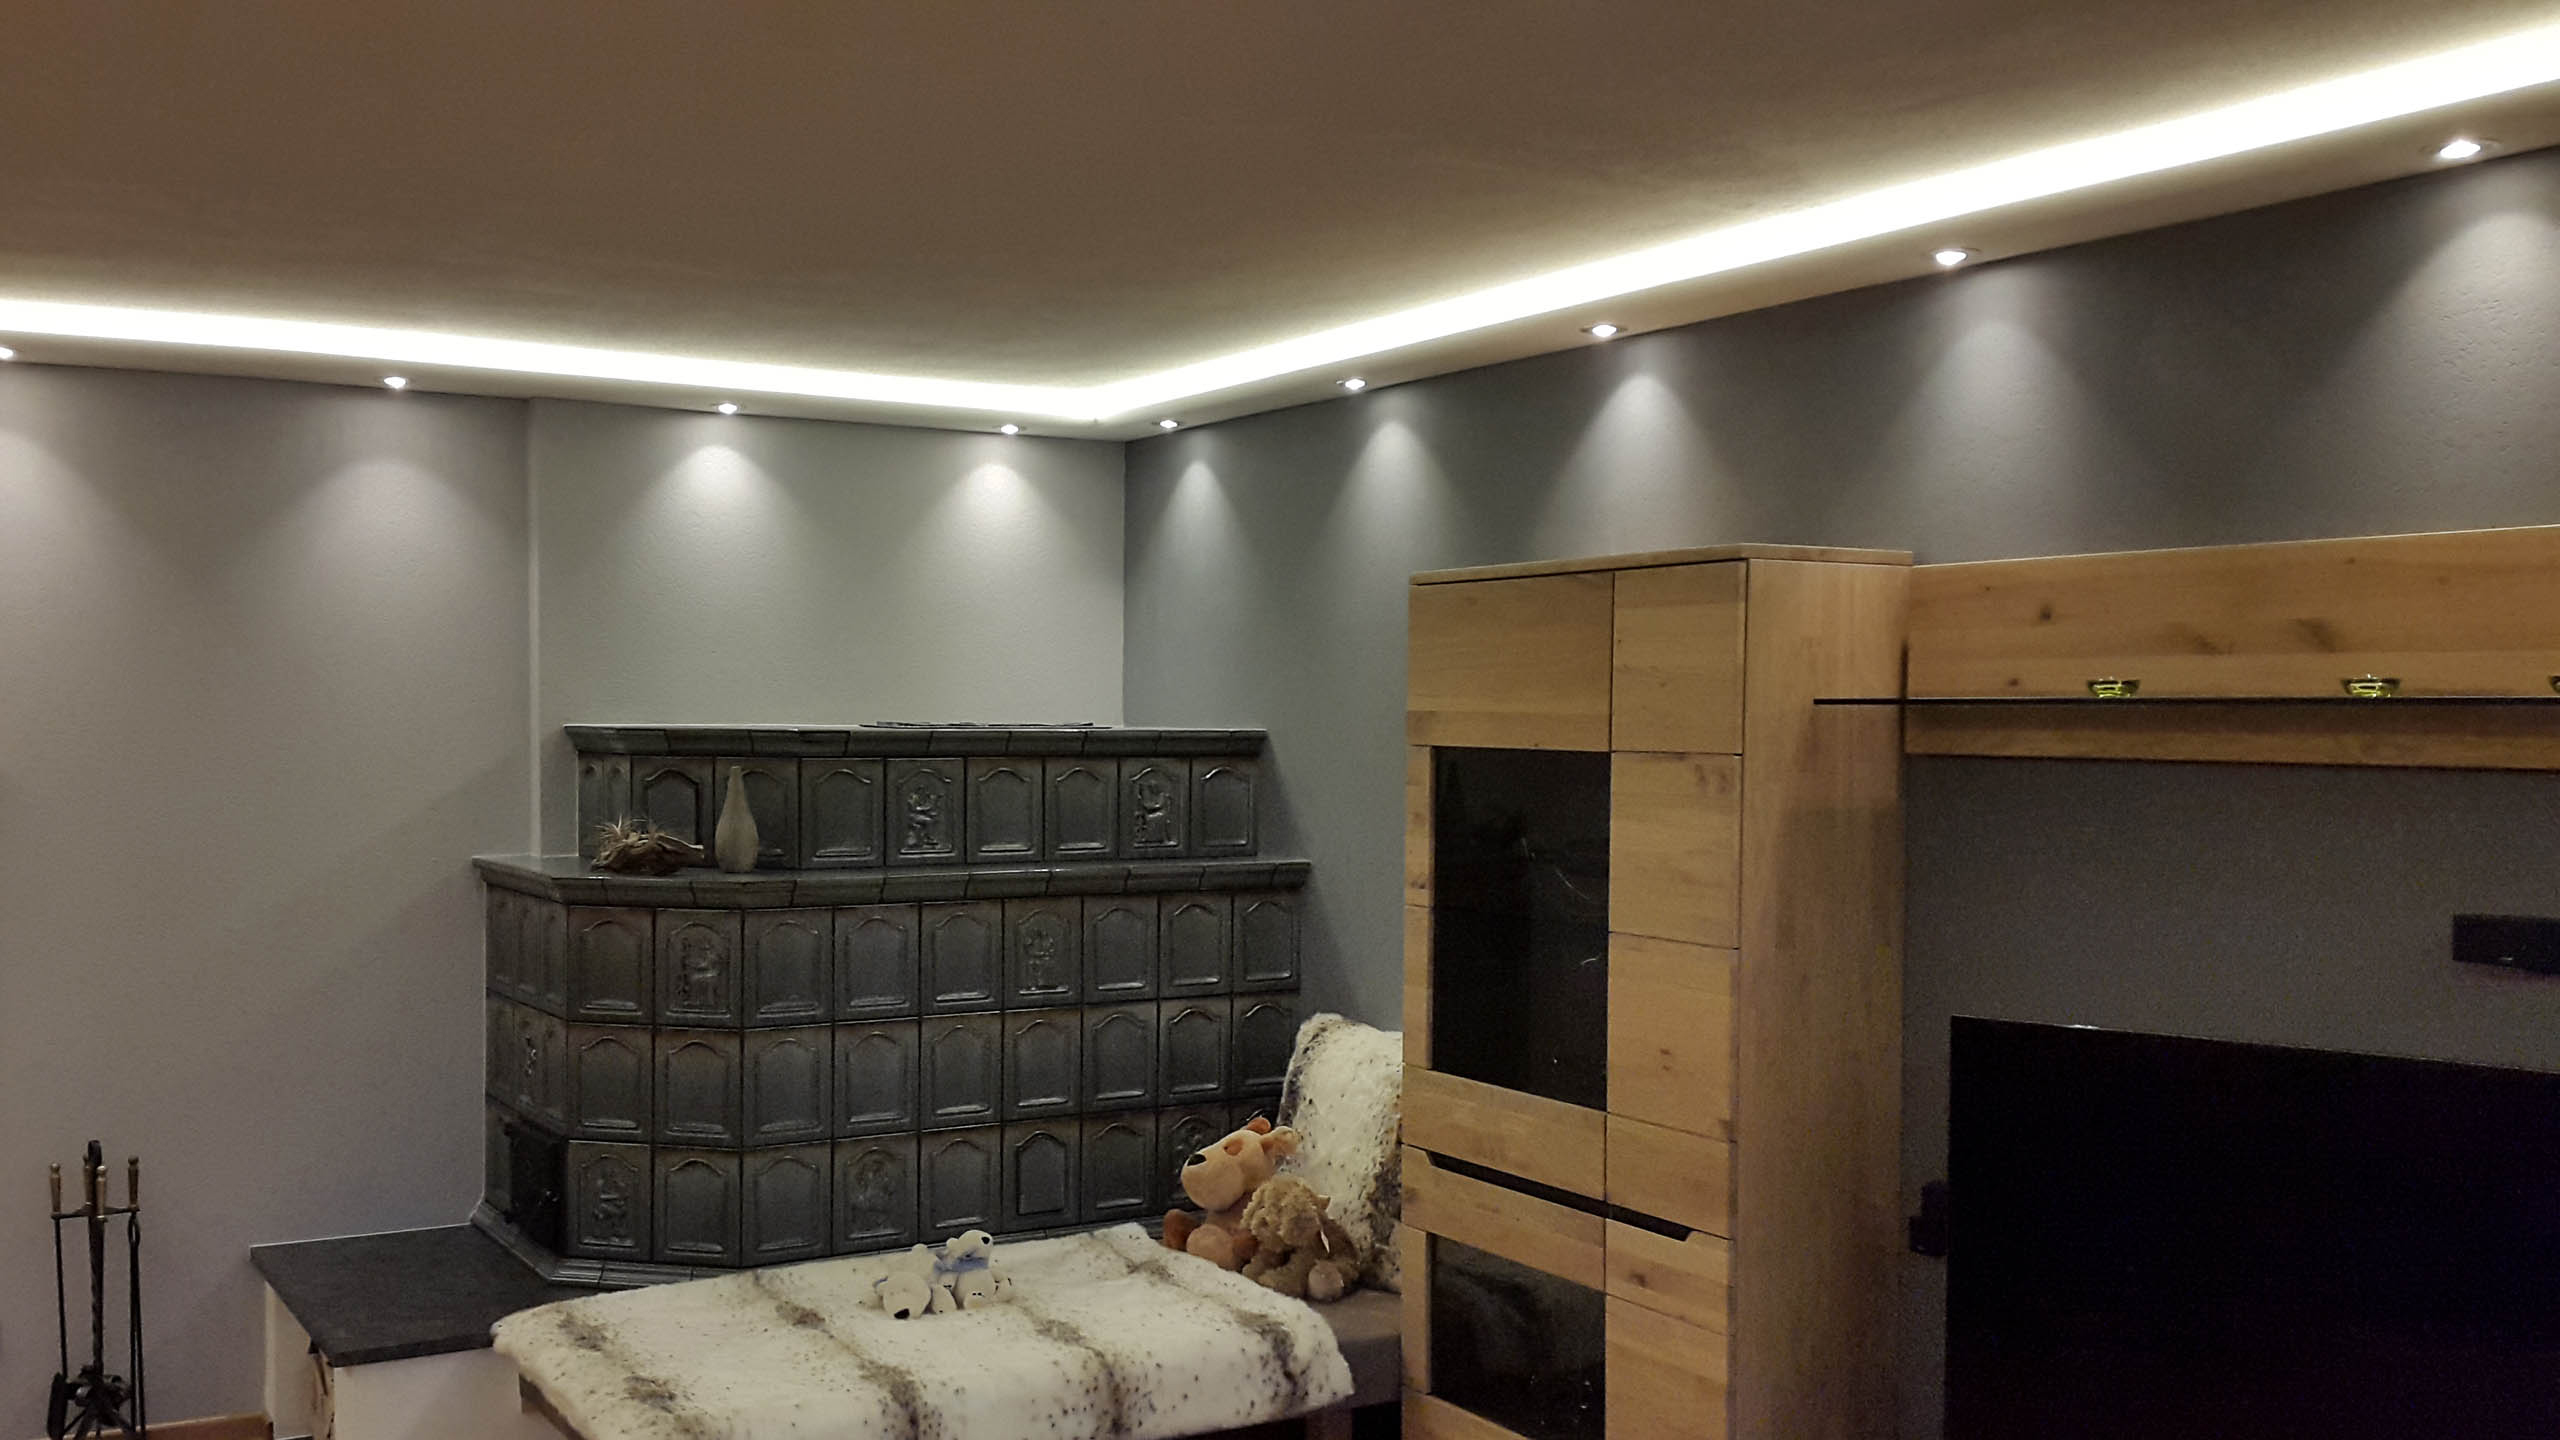 Lichtprofile für Wand und Decke